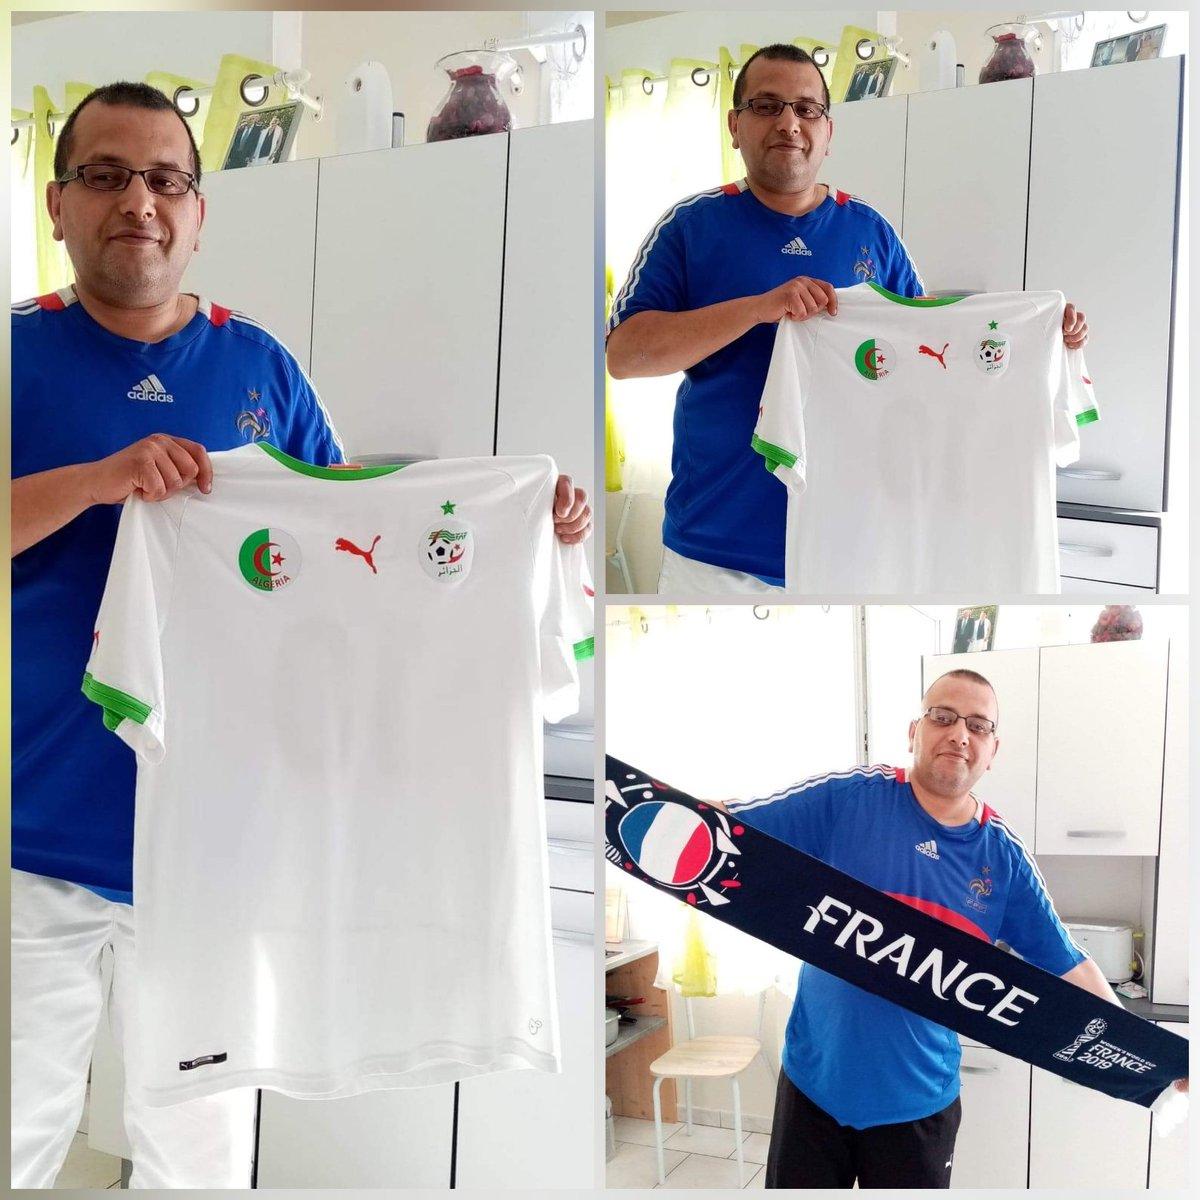 Et #FDP de @DamienRieu  je supporte mes deux pays la #France 🇫🇷 et #Algerie 🇩🇿 je suis fier de çà #FiersdetreBleus #ÉquipeDeFrance #123VivaAlgerie #ÉQUIPEALGERIE